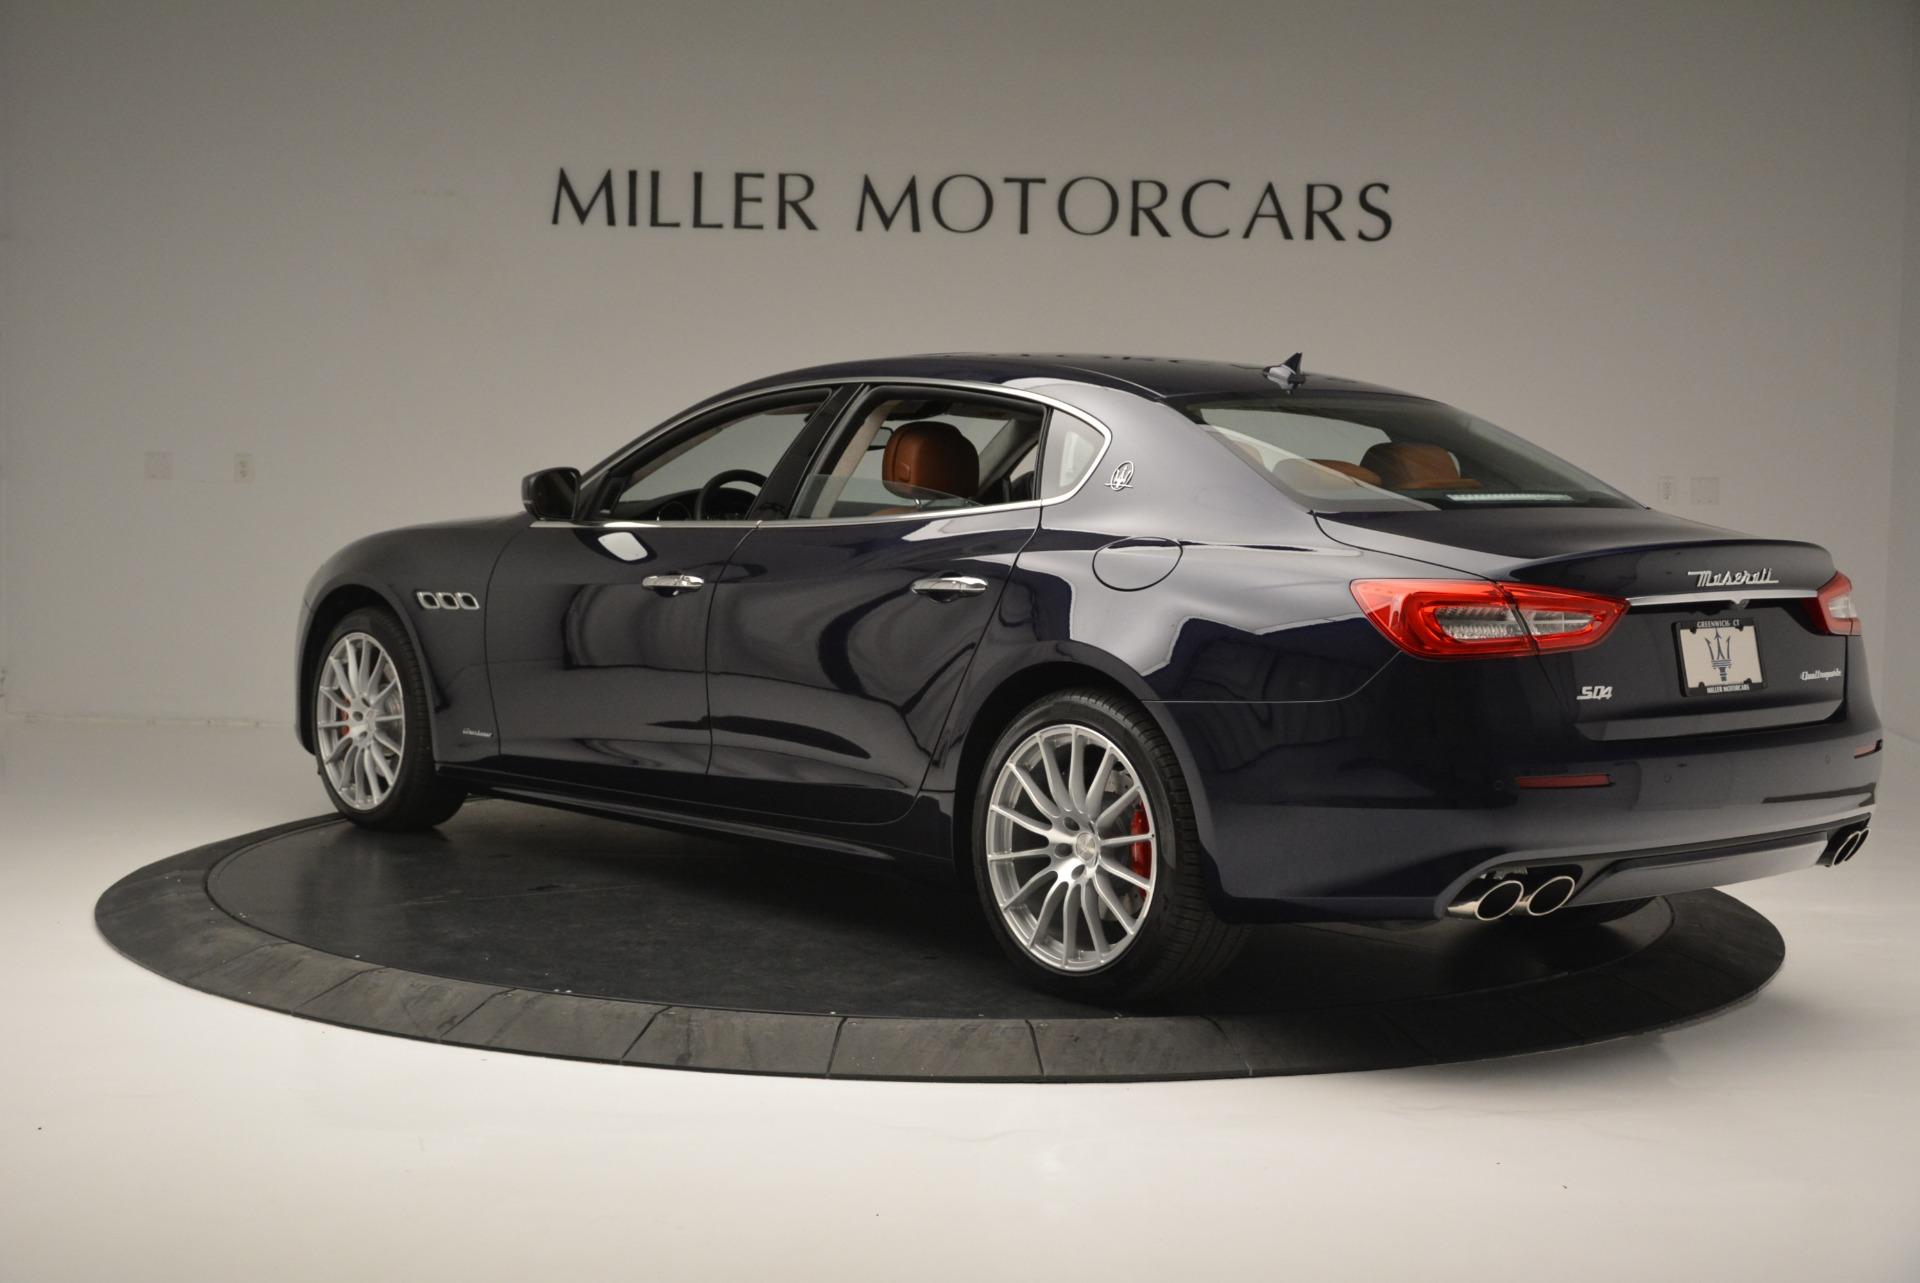 New 2018 Maserati Quattroporte S Q4 GranLusso For Sale In Greenwich, CT. Alfa Romeo of Greenwich, M1992 1859_p5